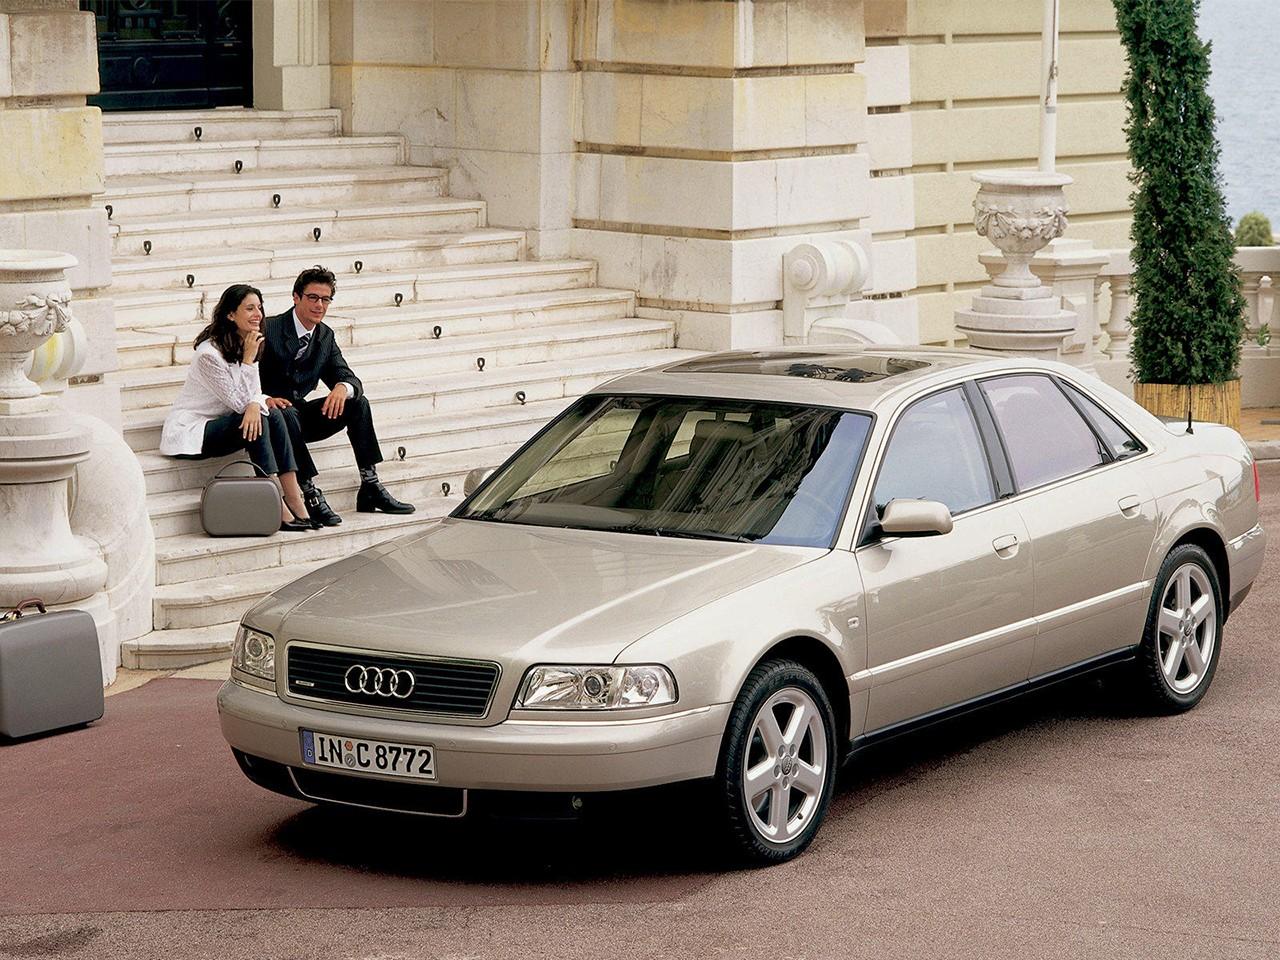 Audi A8 W12 >> AUDI A8 (D2) - 1999, 2000, 2001, 2002 - autoevolution